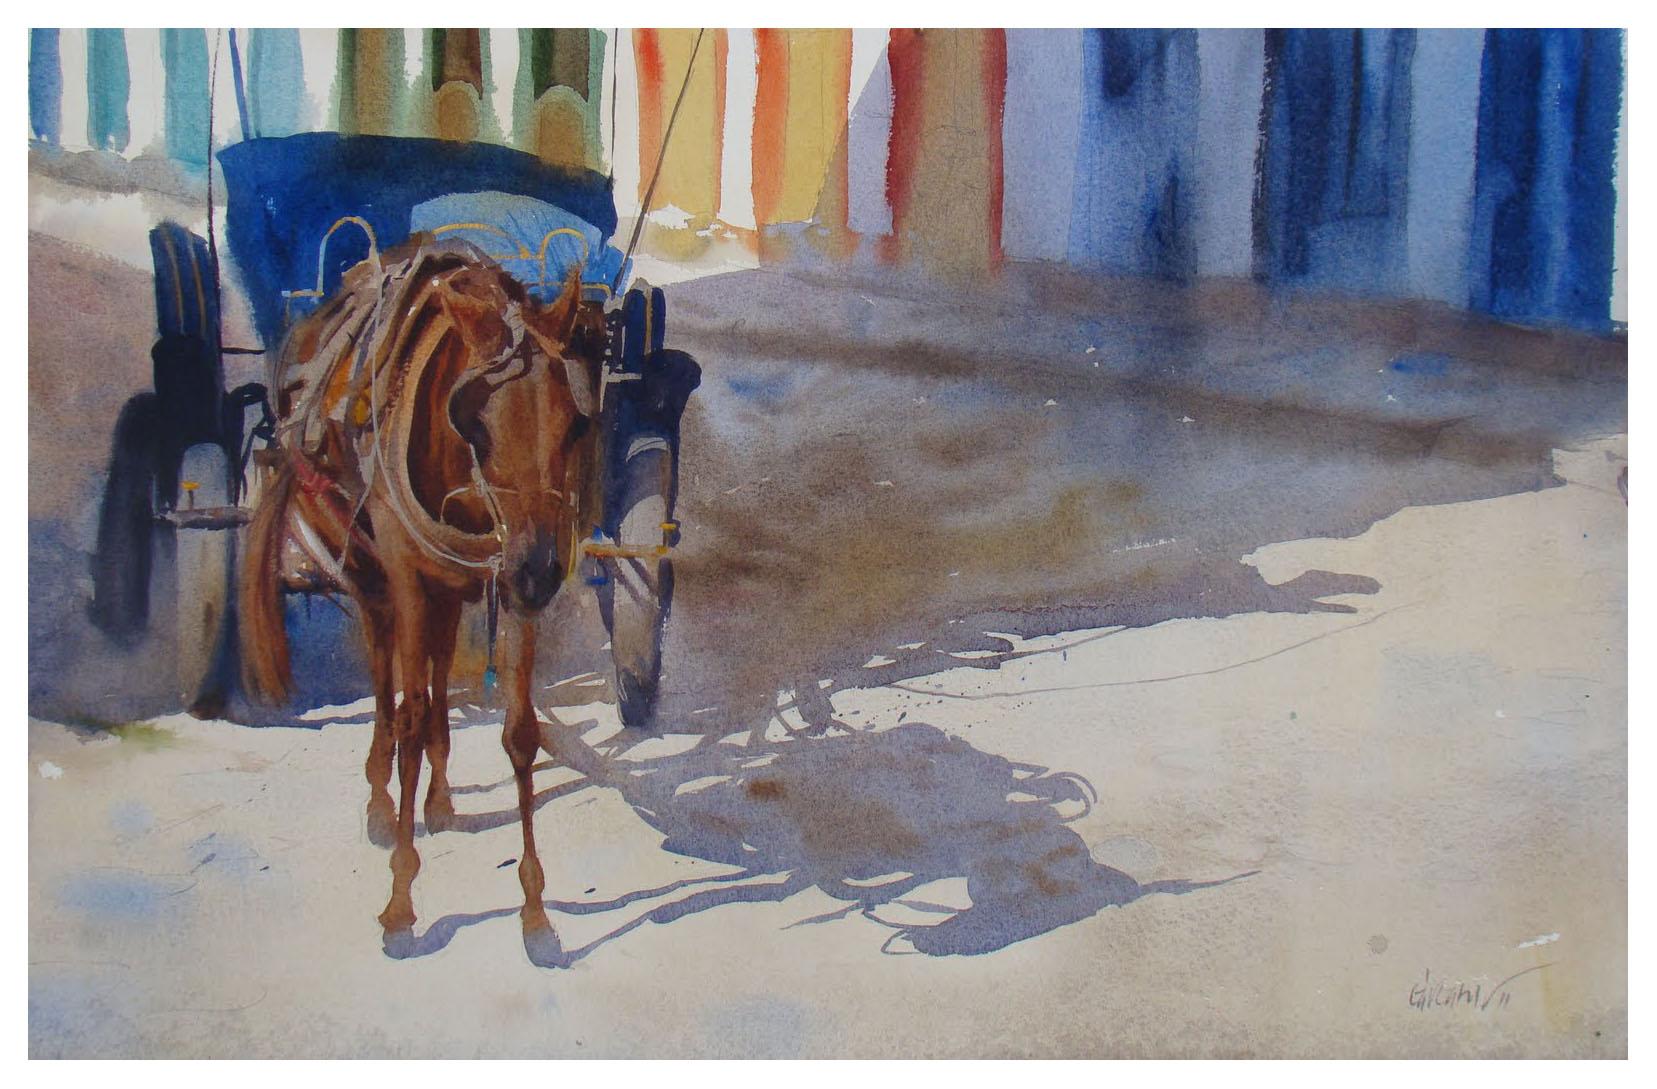 Sombra da carroça